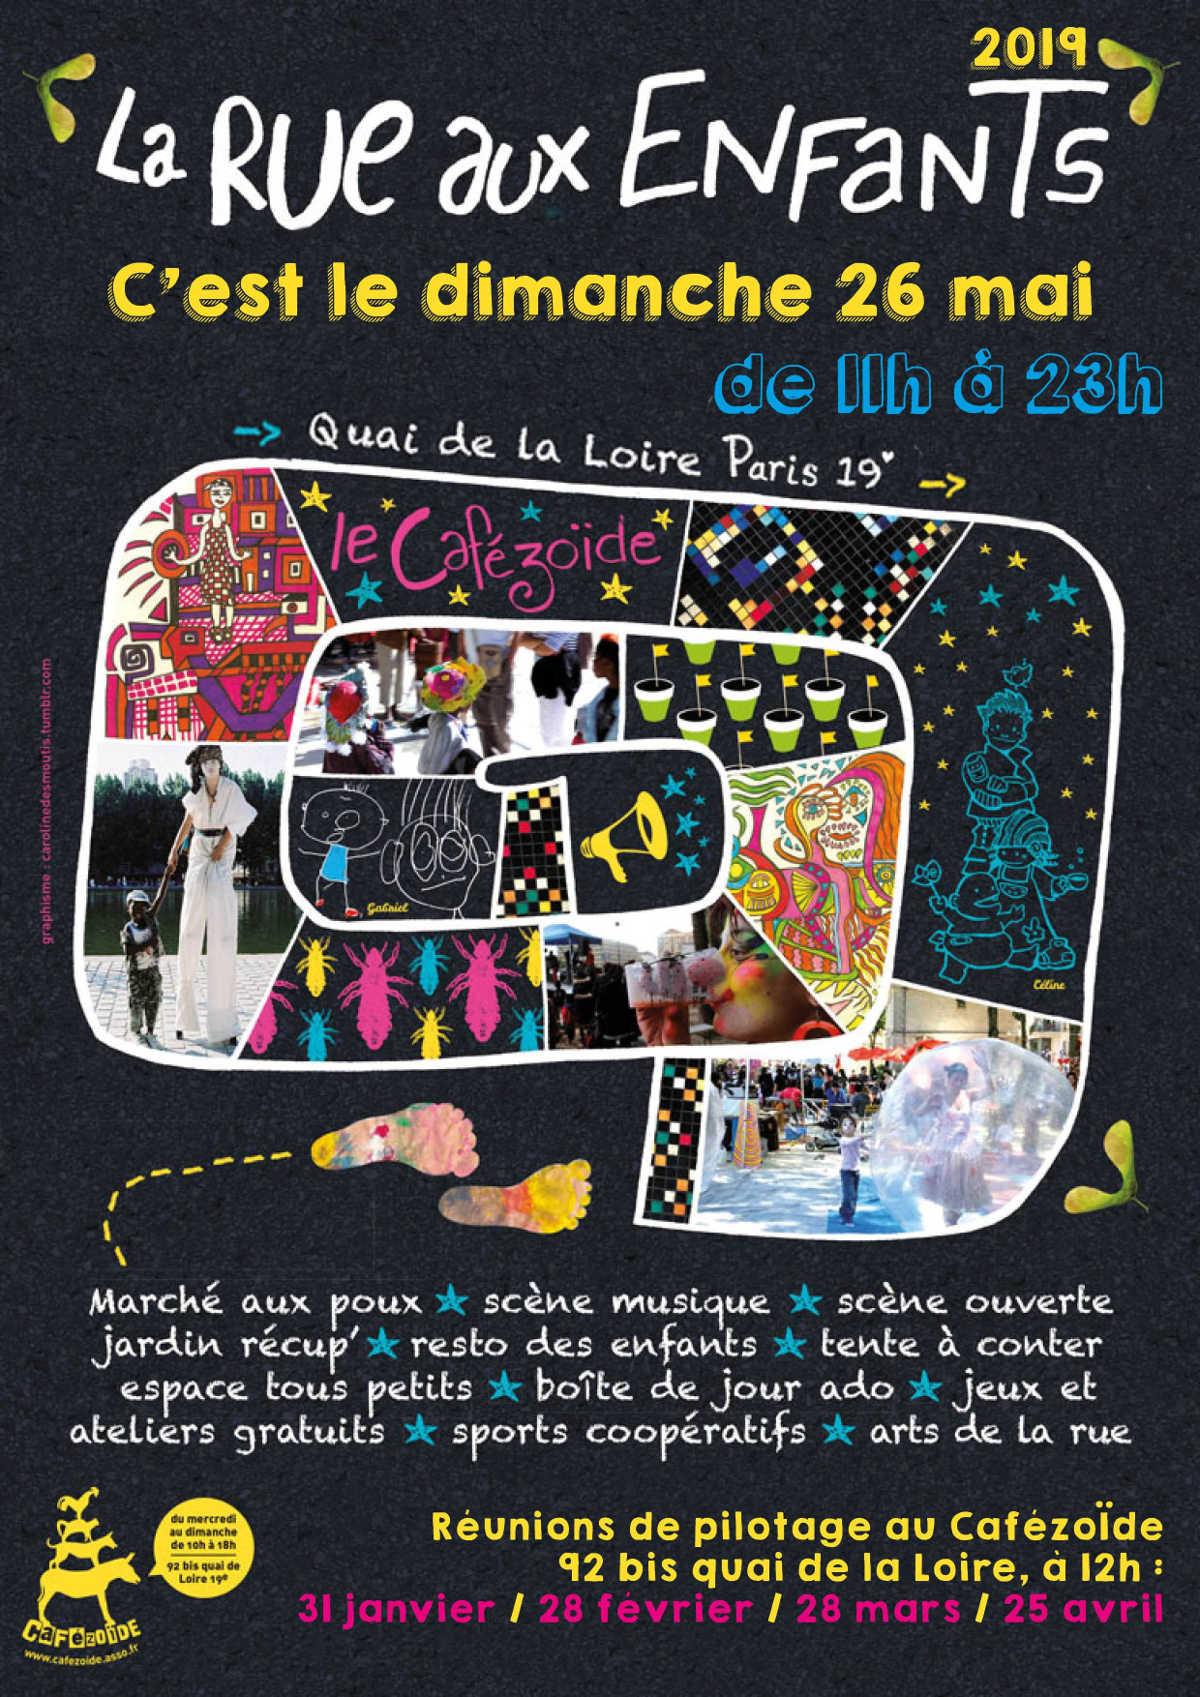 Affiche-cafezoide-la-rue-aux-enfants